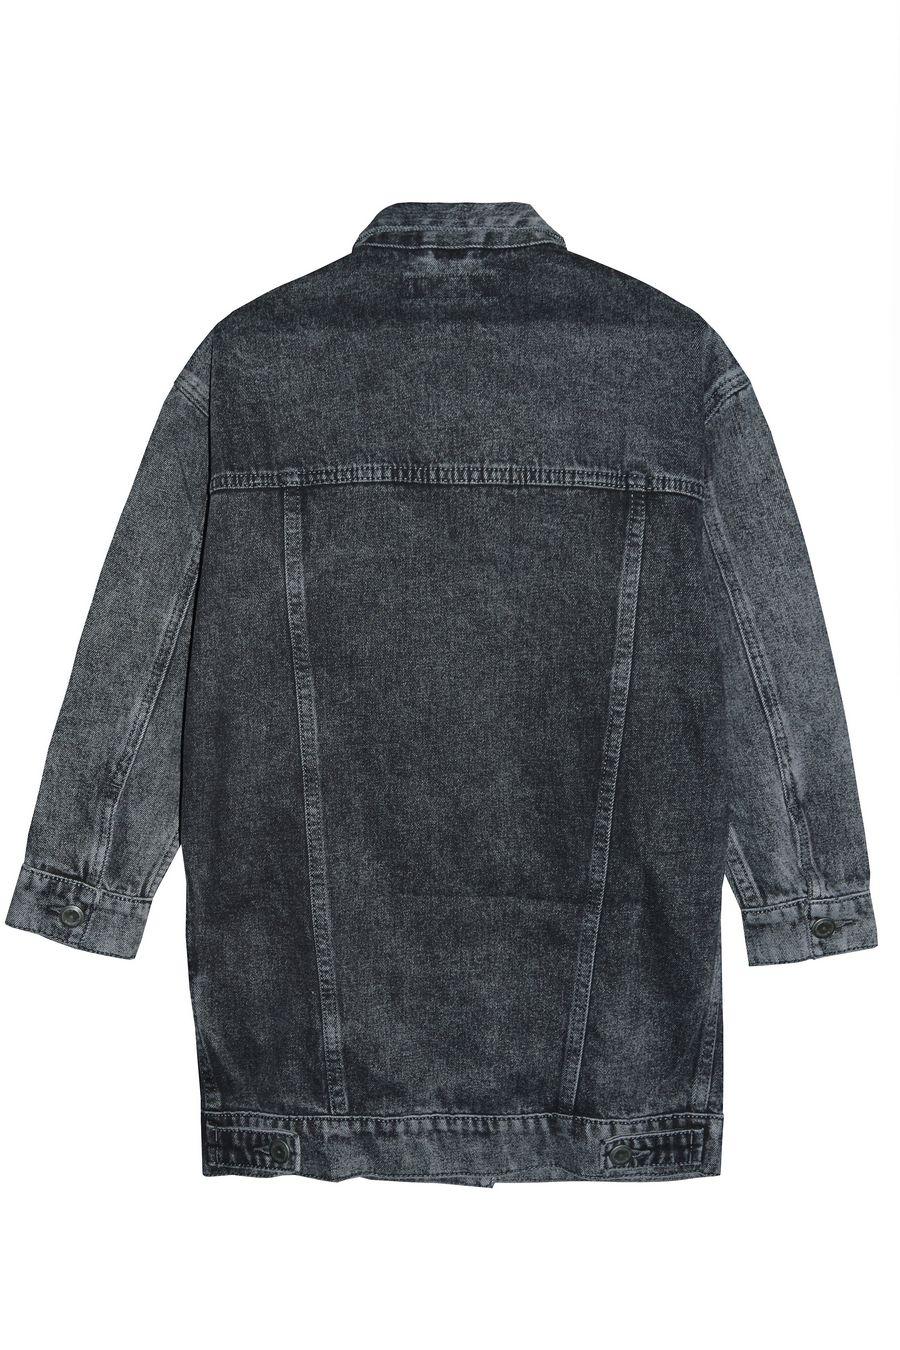 Куртка женская Dimarks D3025 - фото 2